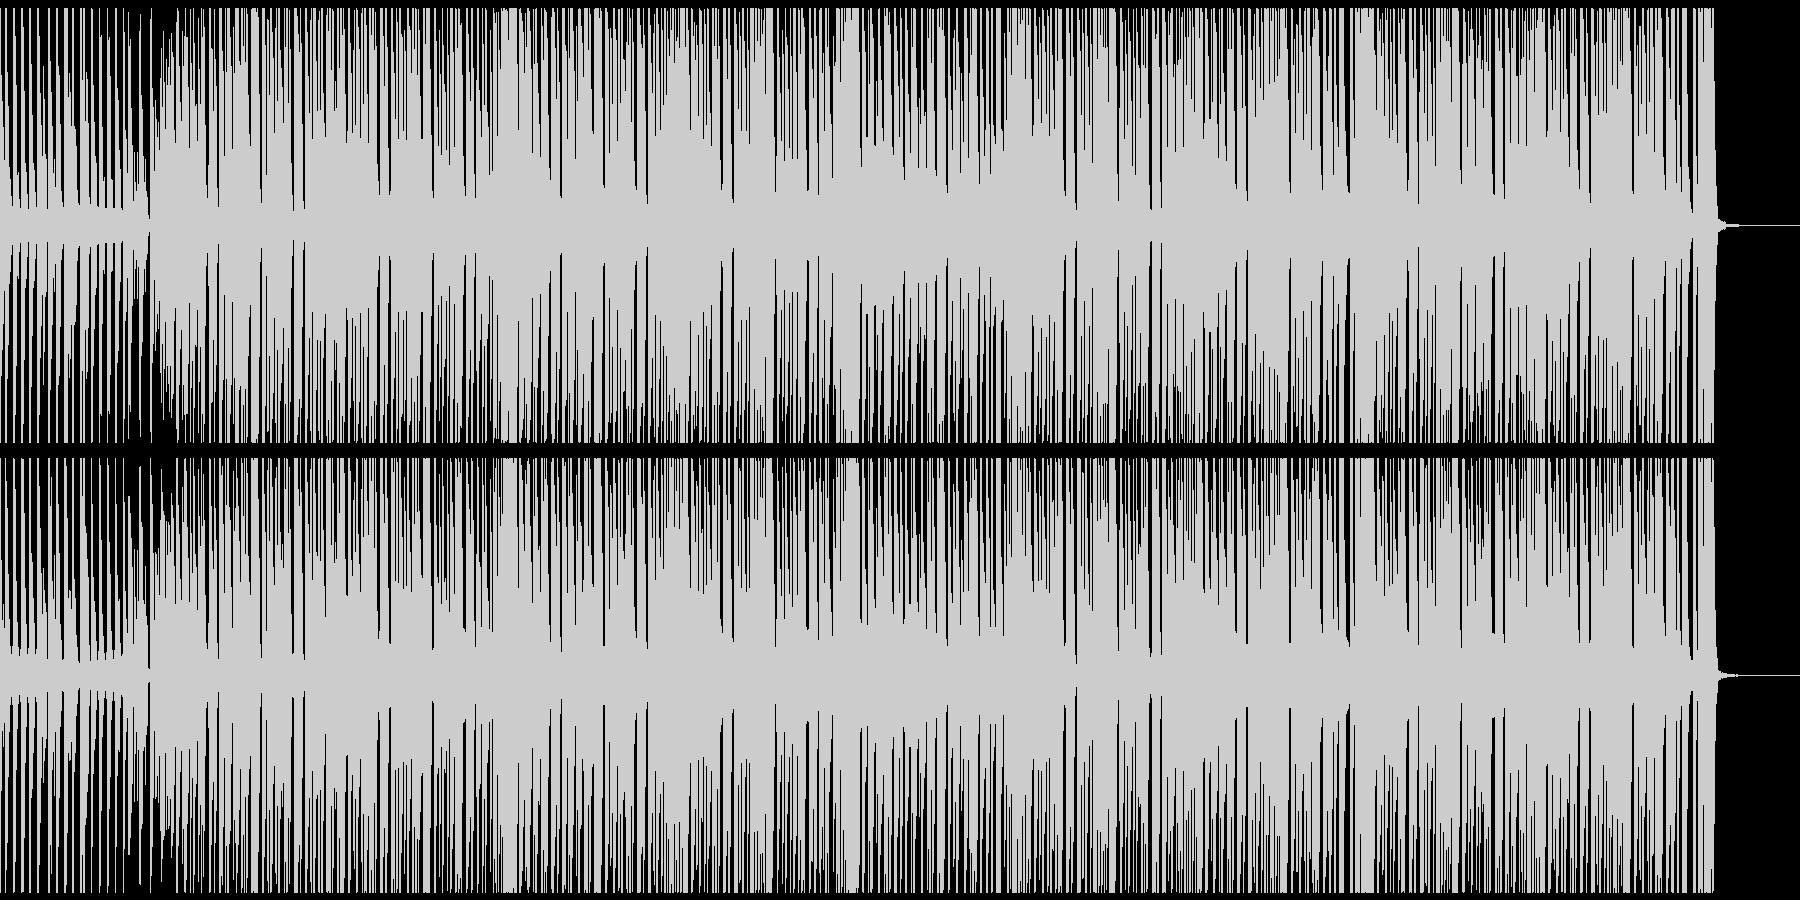 スタイリッシュで清々しいヒップホップの未再生の波形